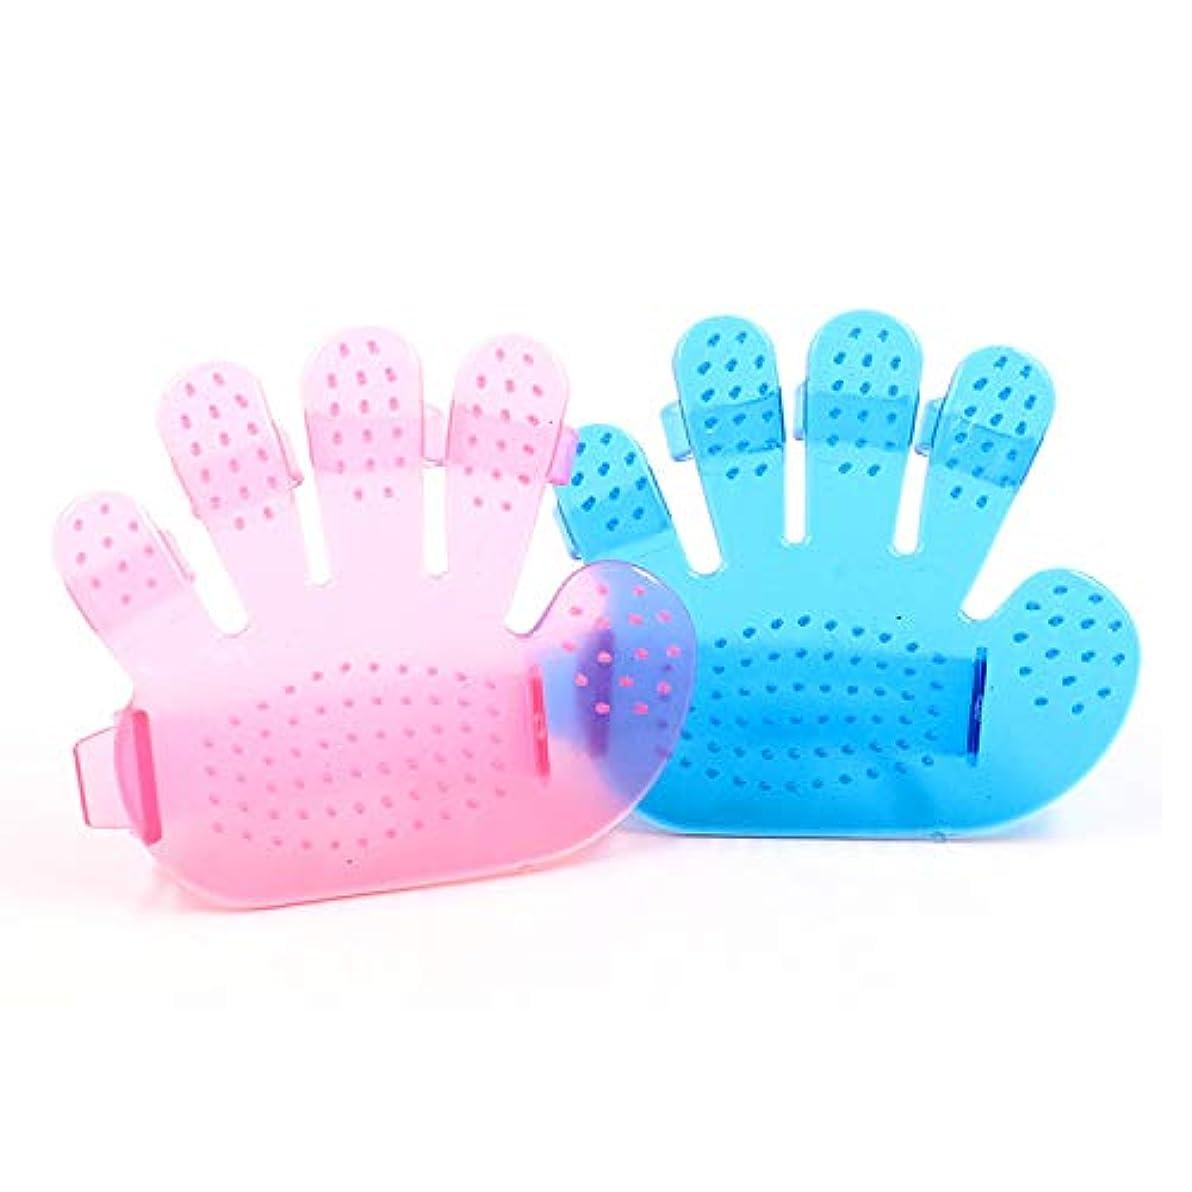 思春期ちなみに実証するBTXXYJP ペット ブラシ 手袋 猫 ブラシ グローブ クリーナー 耐摩耗 抜け毛取り マッサージブラシ 犬 グローブ 10個 (Color : Pink, Size : M-Ten)